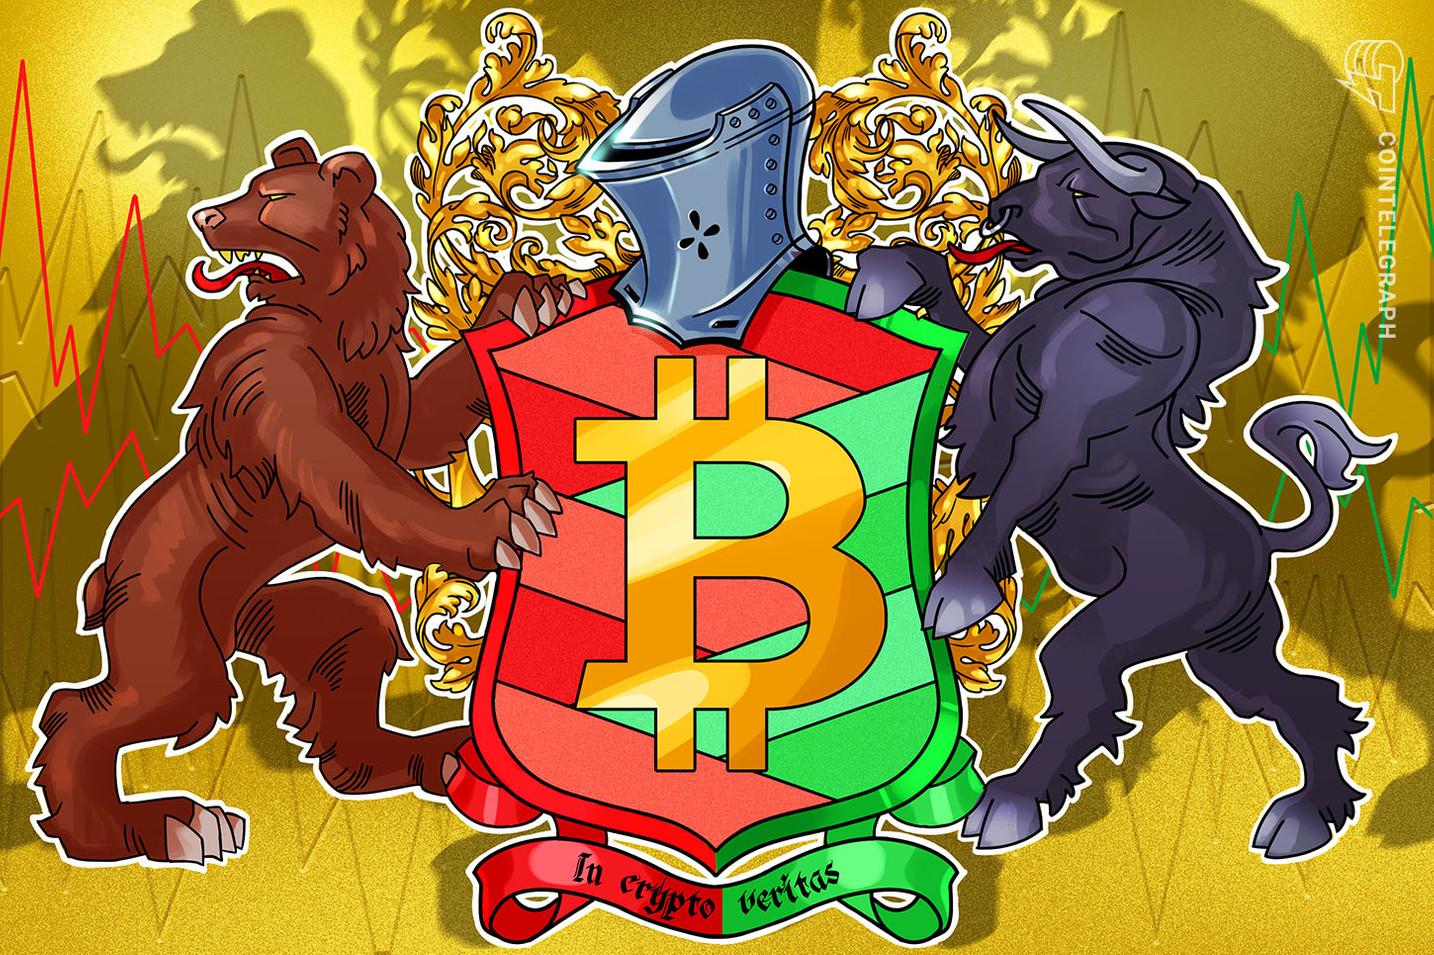 Uz žoga: ja tas ir kriptogrāfisko lāču tirgus, cik ilgi tas var ilgt?